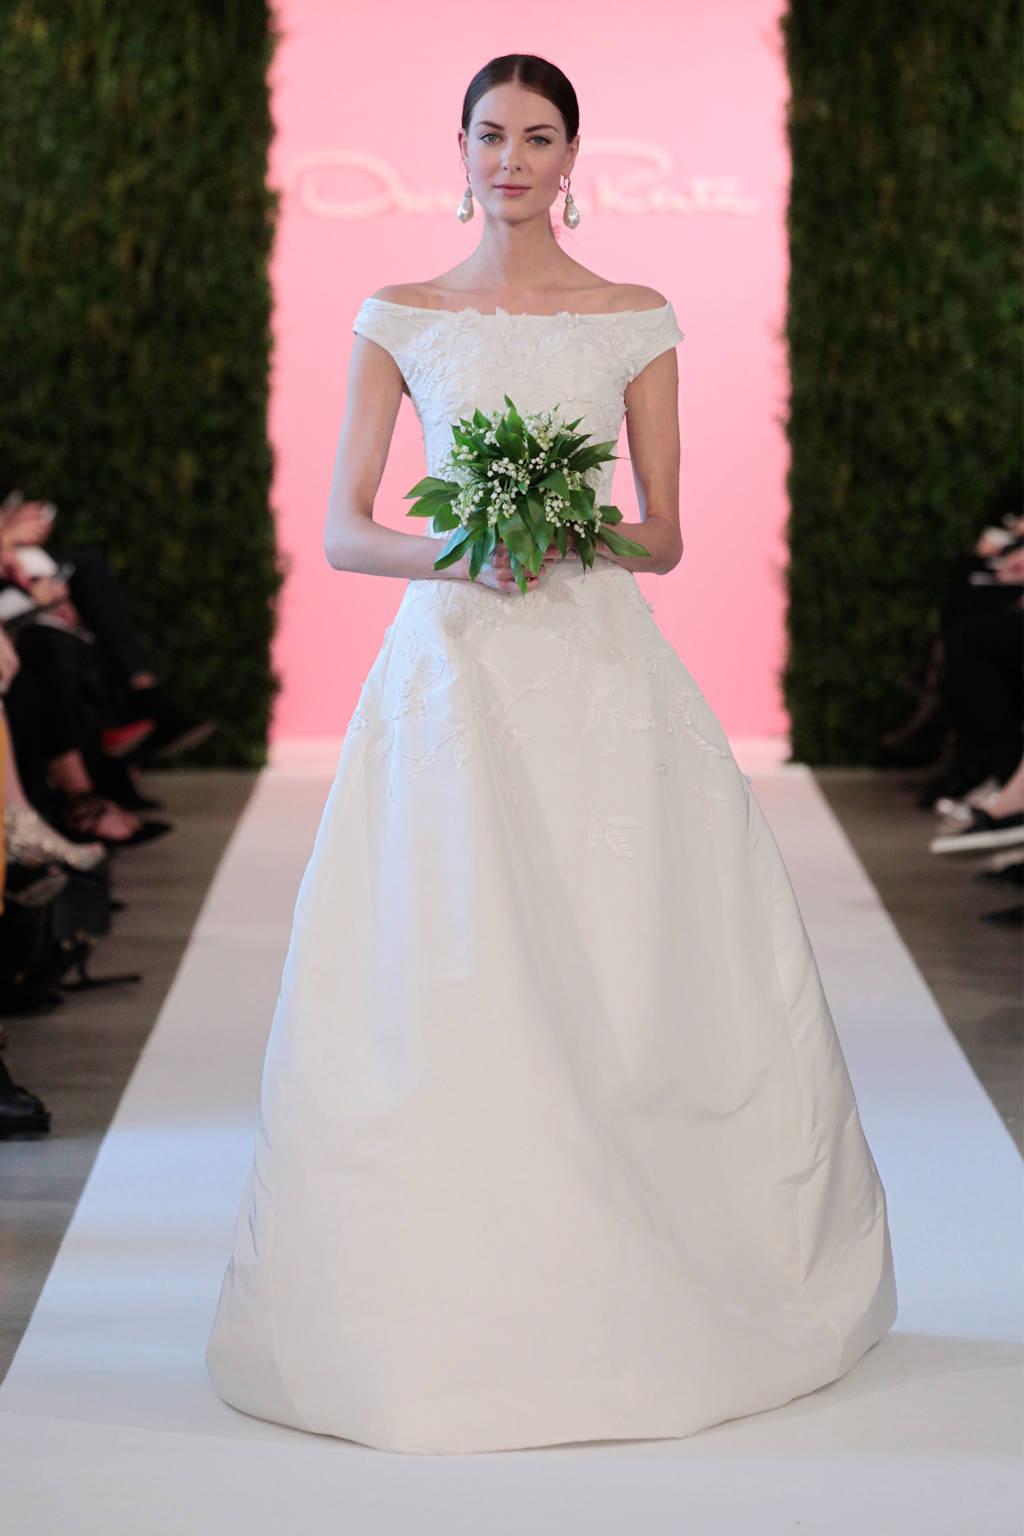 Kiểu vai ngang cổ điển chưa bao giờ lỗi mốt trong các đám cưới từ Đông sang Tây. Thiết kế tối giản này khiến các cô gái không thể rời mắt.